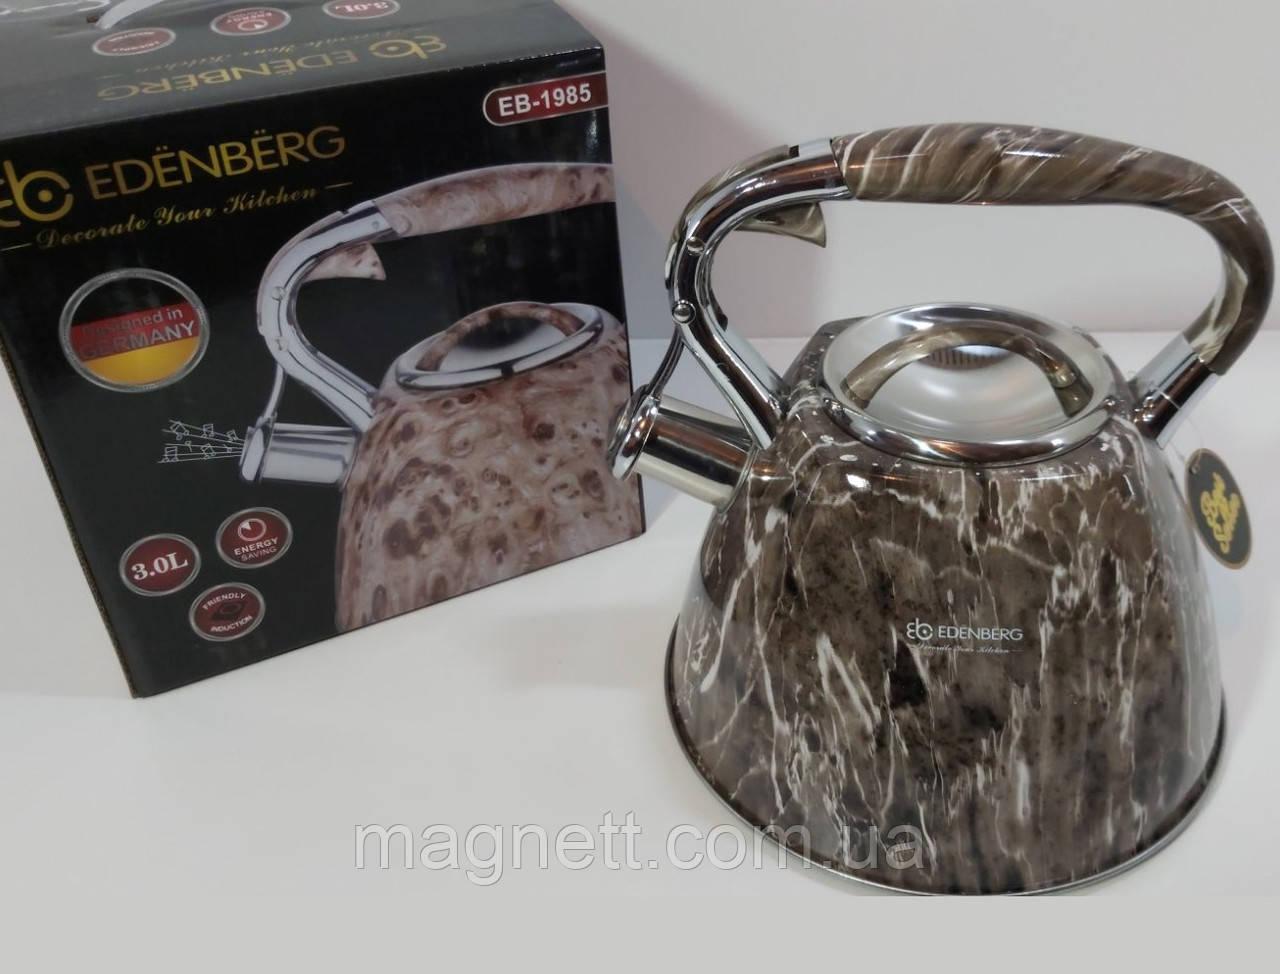 Чайник Edenberg со свистком 3.0 л EB-1985